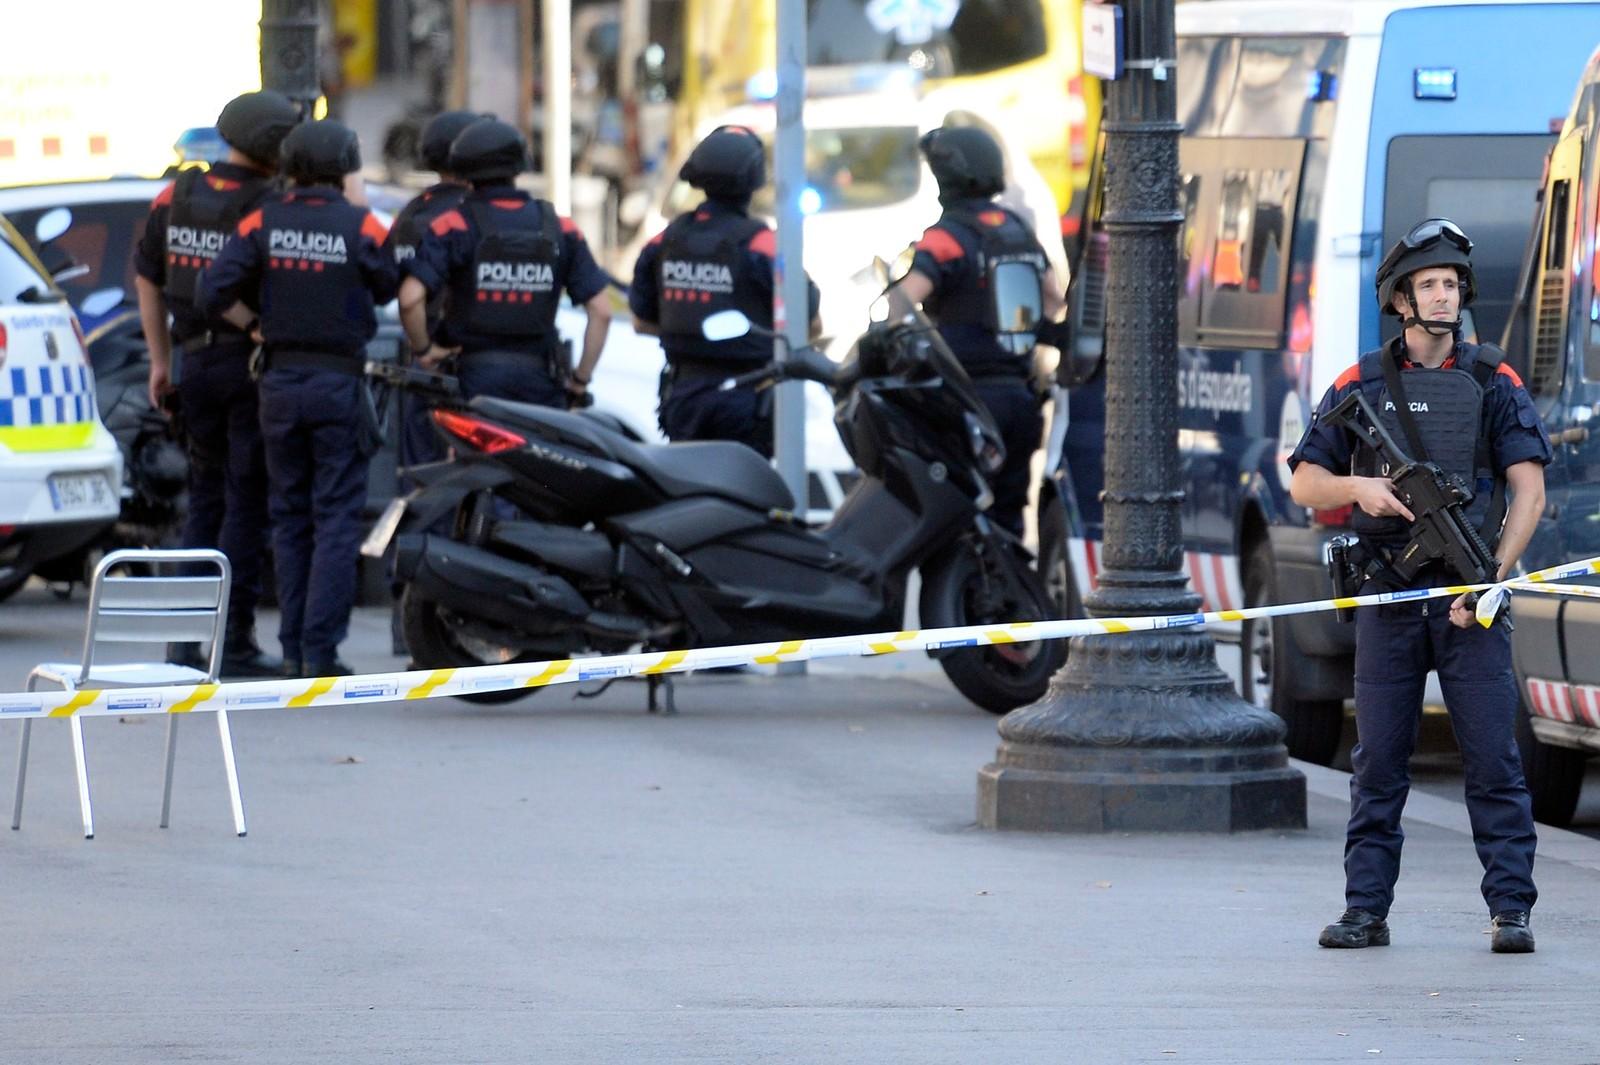 BEVÆPNET POLITI: Bevæpnet politi patruljerer gatene i Barcelona.